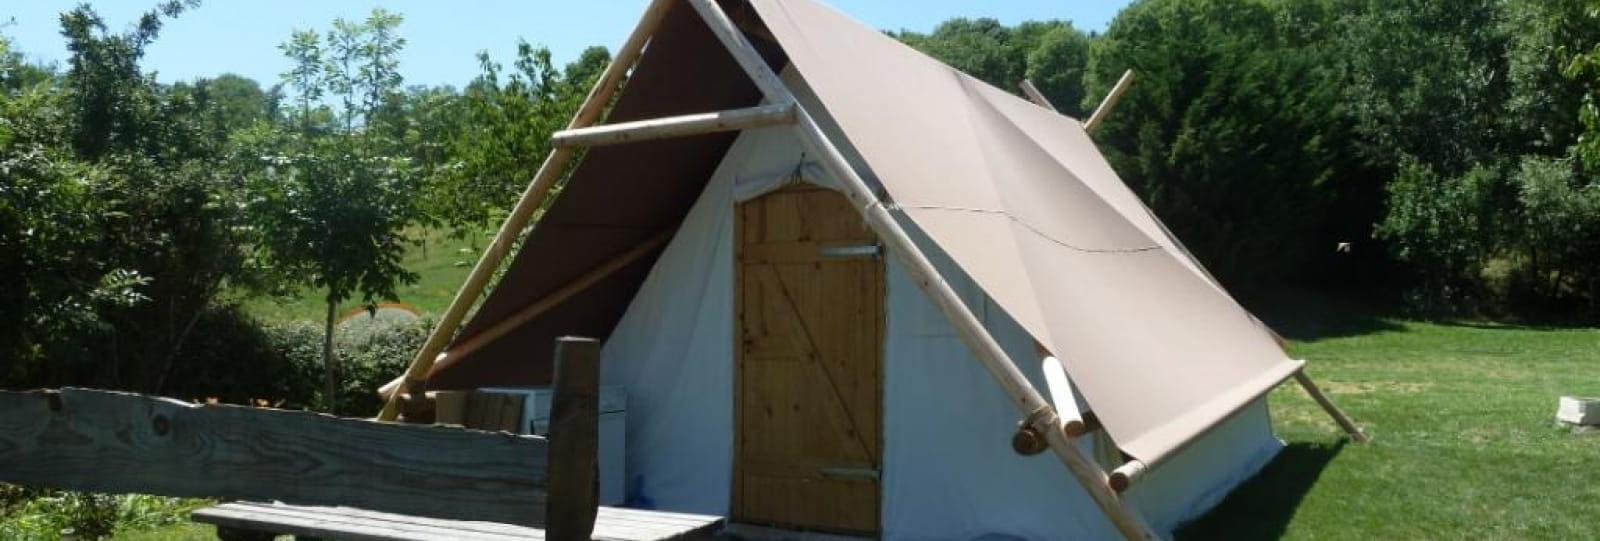 Tente trappeur Aire Naturelle de Simondon